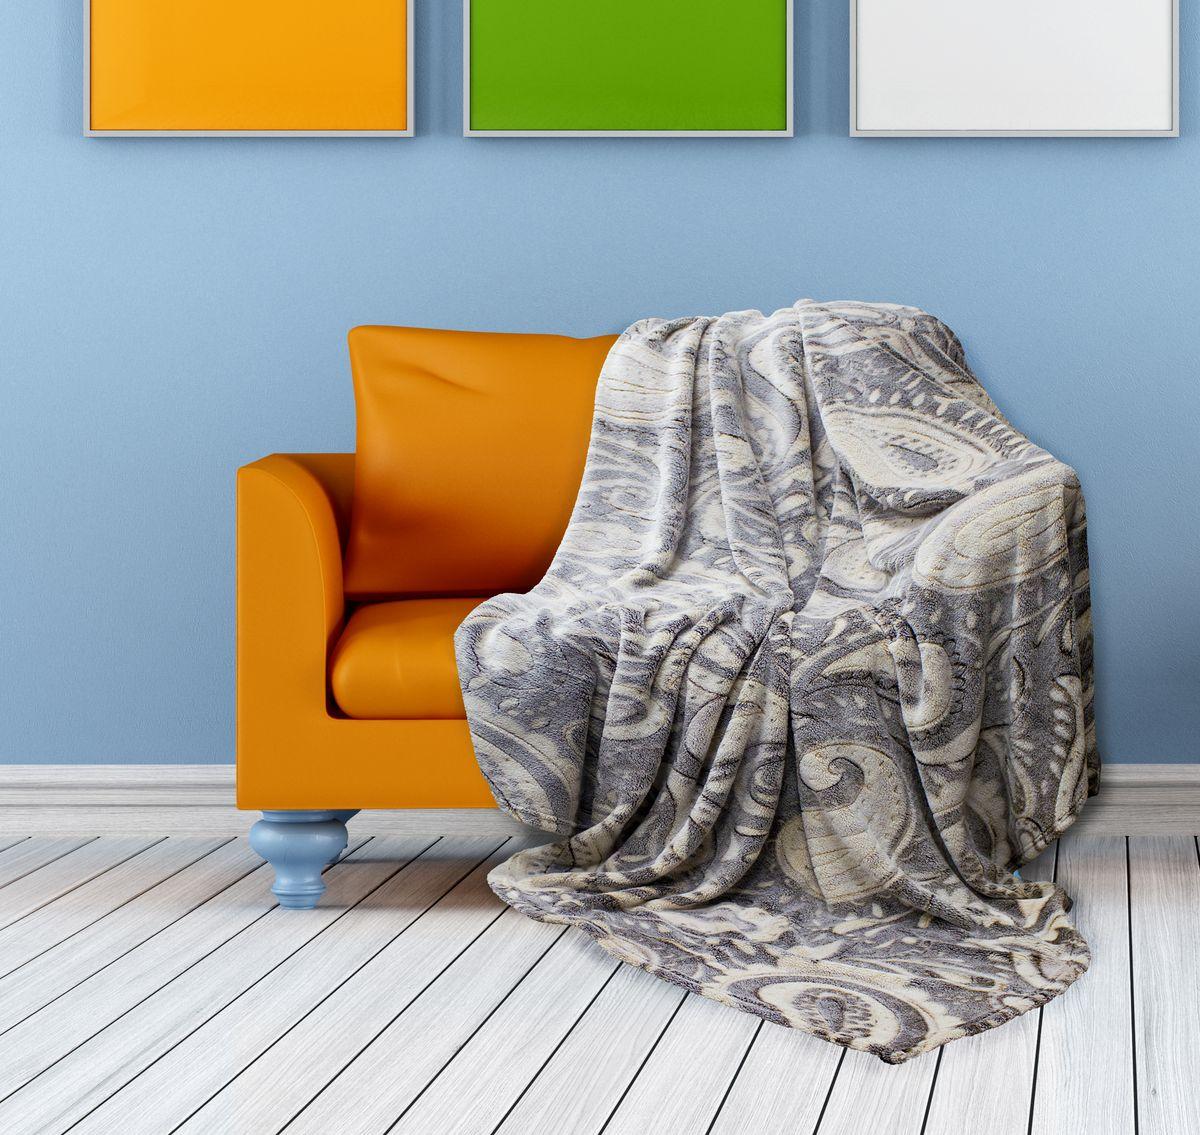 Плед Buenas Noches Bamboo, цвет: серый, бежевый, 150 х 200 см. 6953769537Плед Buenas Noches Bamboo - идеальное решение для вашего интерьера.Он порадует вас легкостью, нежностью и оригинальным дизайном.Плед выполнен из 100% полиэстера и декорирован оригинальным орнаментом.Полиэстер считается одной из самых популярных тканей. Это материал синтетического происхождения из полиэфирных волокон. Изделия из полиэстера не мнутся и легко стираются. После стирки очень быстро высыхают. Плед - это такой подарок, который будет всегда актуален, особенно для ваших родных и близких, ведь вы дарите им частичку своего тепла!